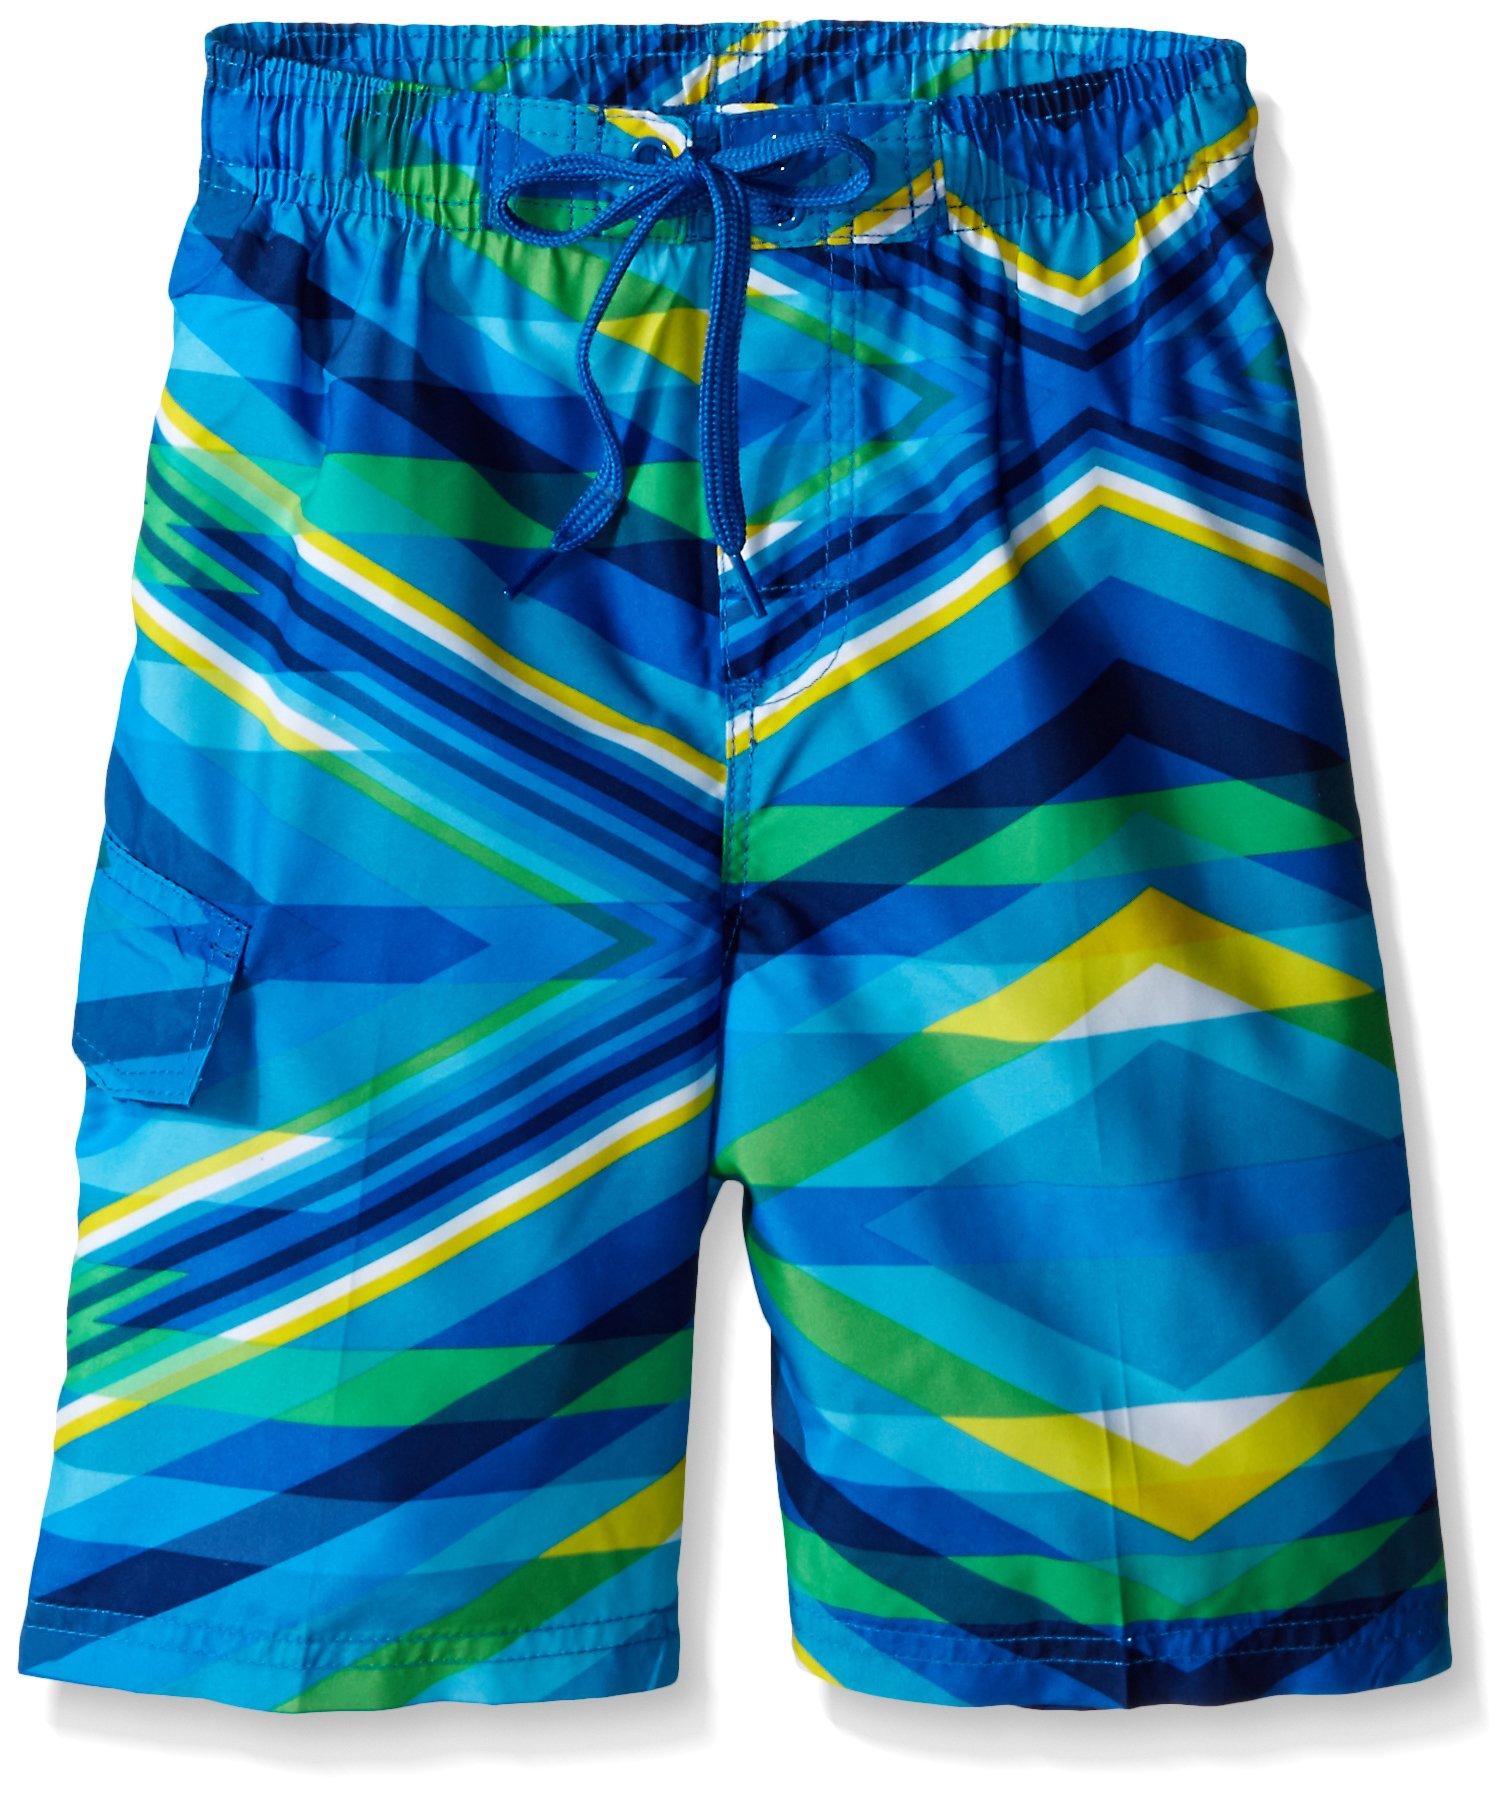 Kanu Surf Little Boys' Energy Swim Trunk, Blue, Medium (5/6)